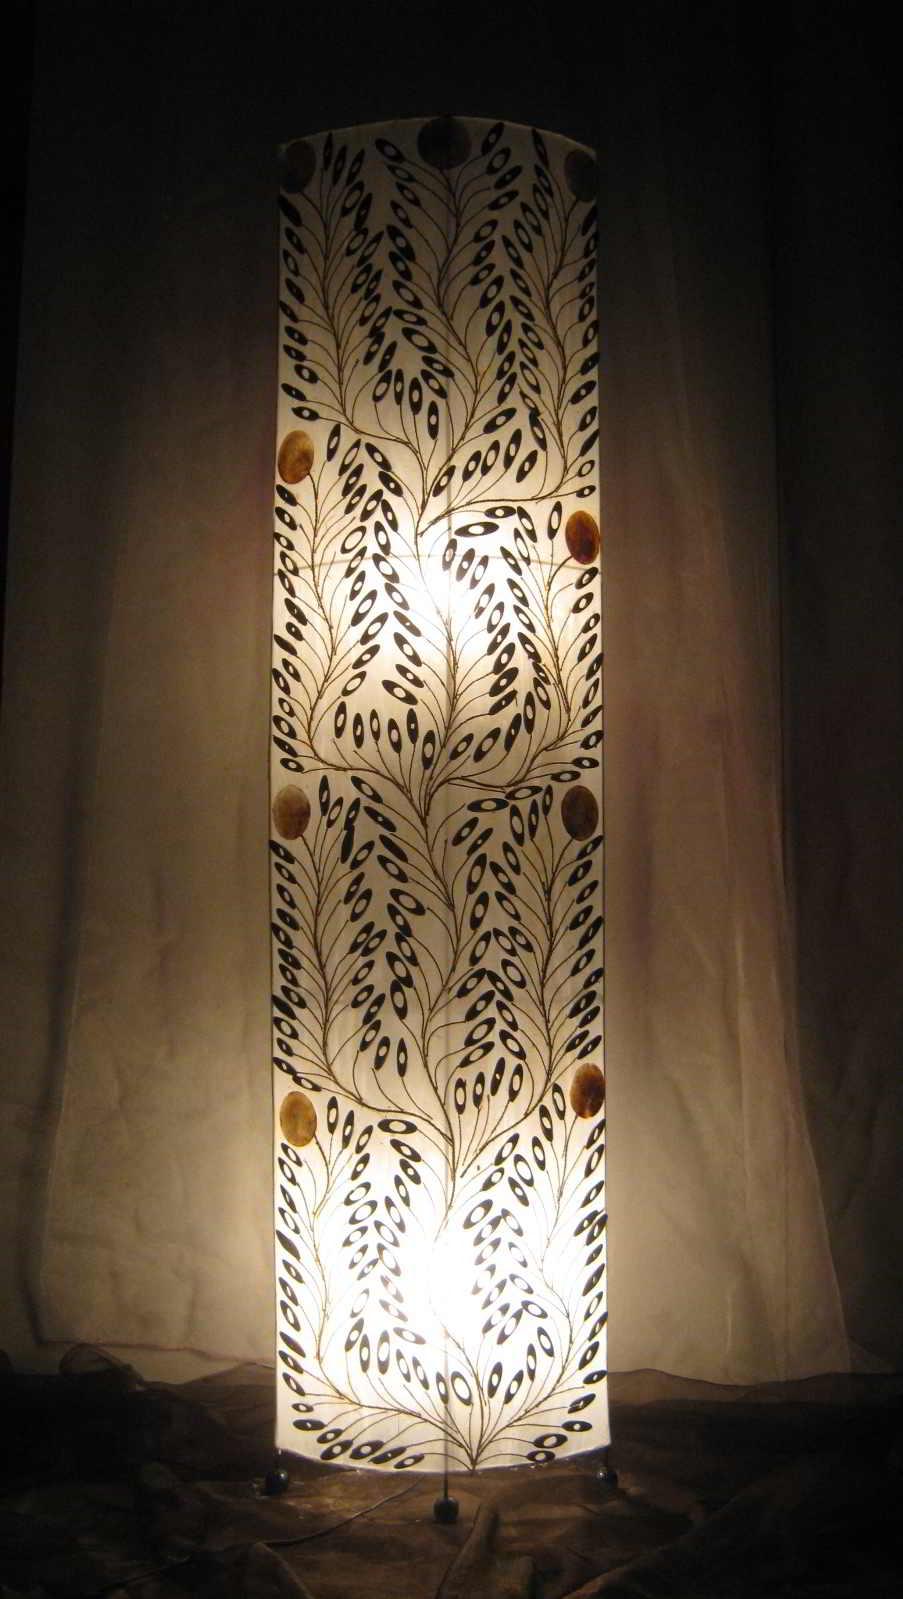 Lampada Da Parete Etnica: Lampada a led pentaled da parete lampade ...